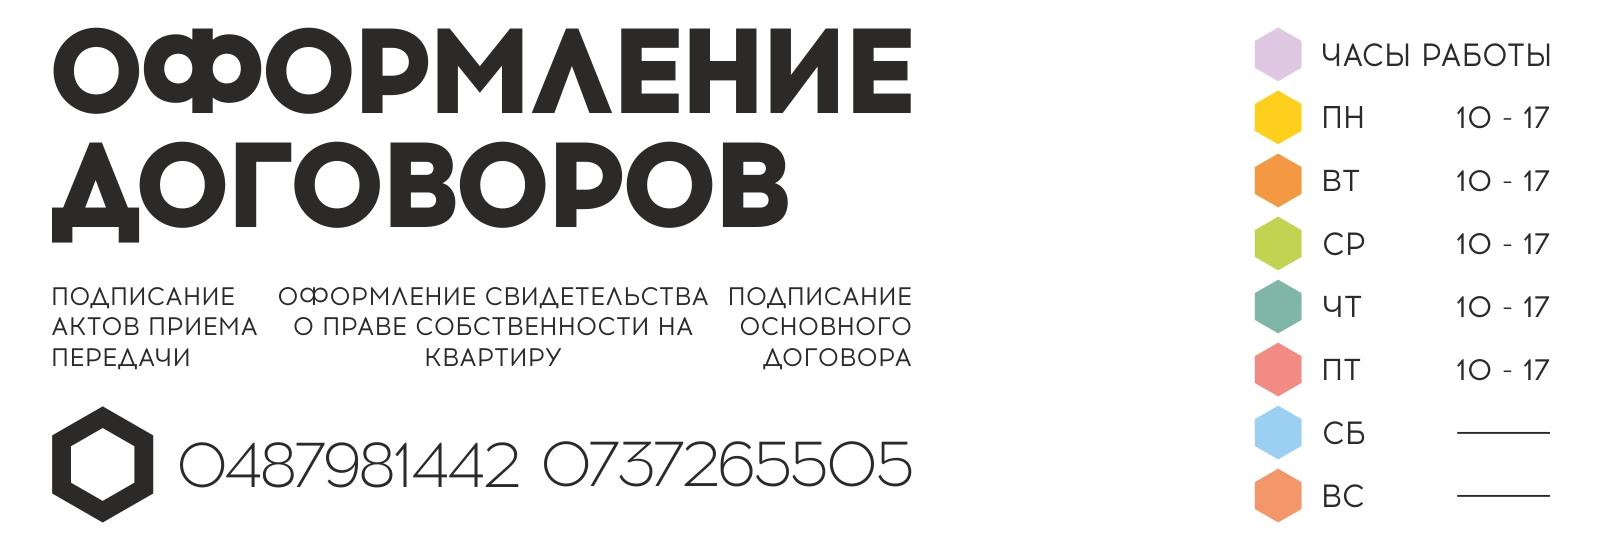 tablichki_1600_550_oformlenie_dogovorov.jpg